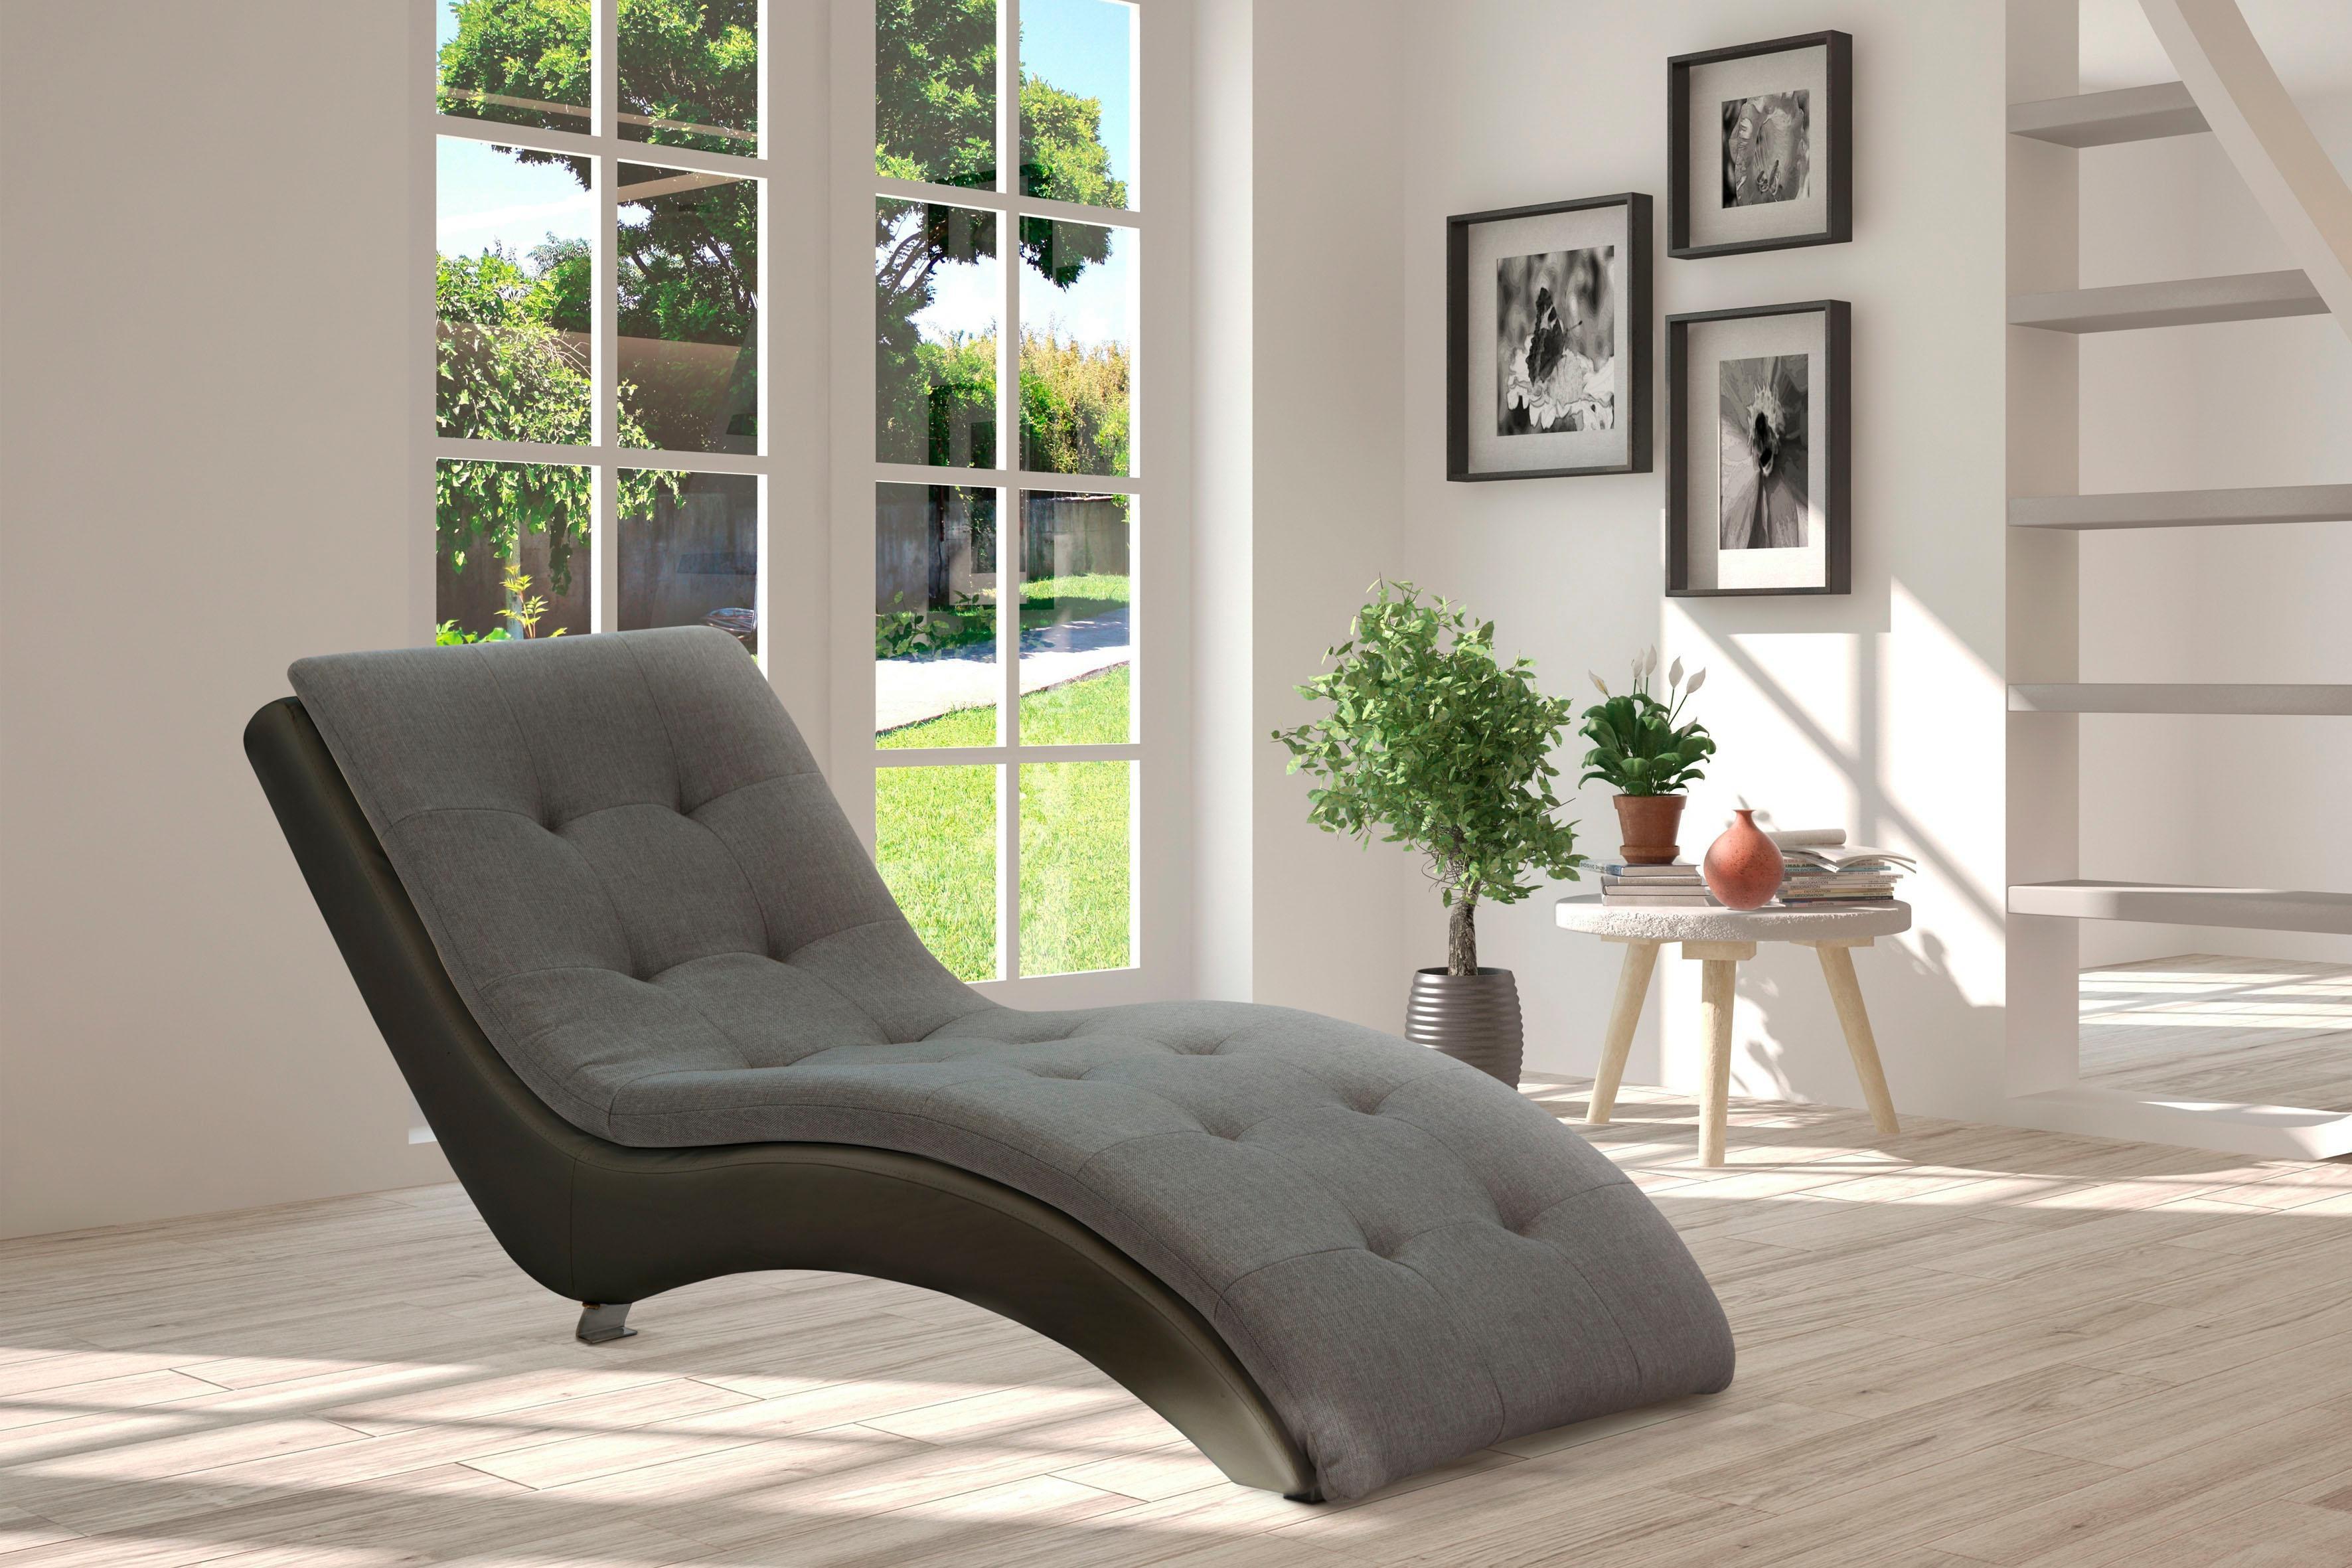 WERSAL Relaxliege | Wohnzimmer > Sessel > Relaxliegen | WERSAL